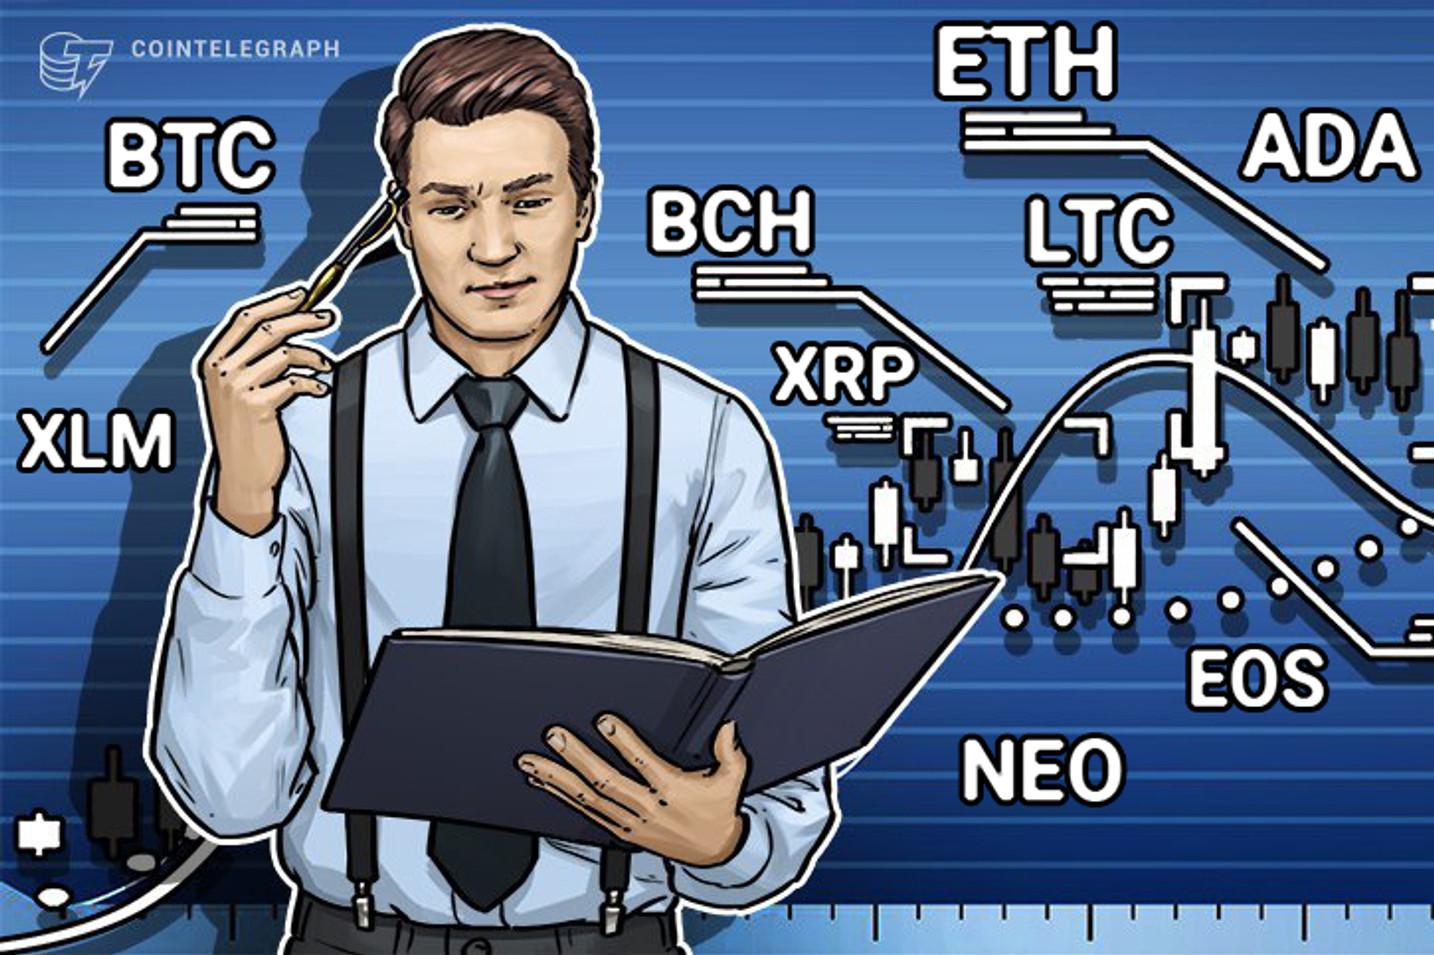 2月21日仮想通貨チャート分析 ビットコイン イーサ ビットコインキャッシュ リップル ステラ ライトコイン カルダノ NEO EOS